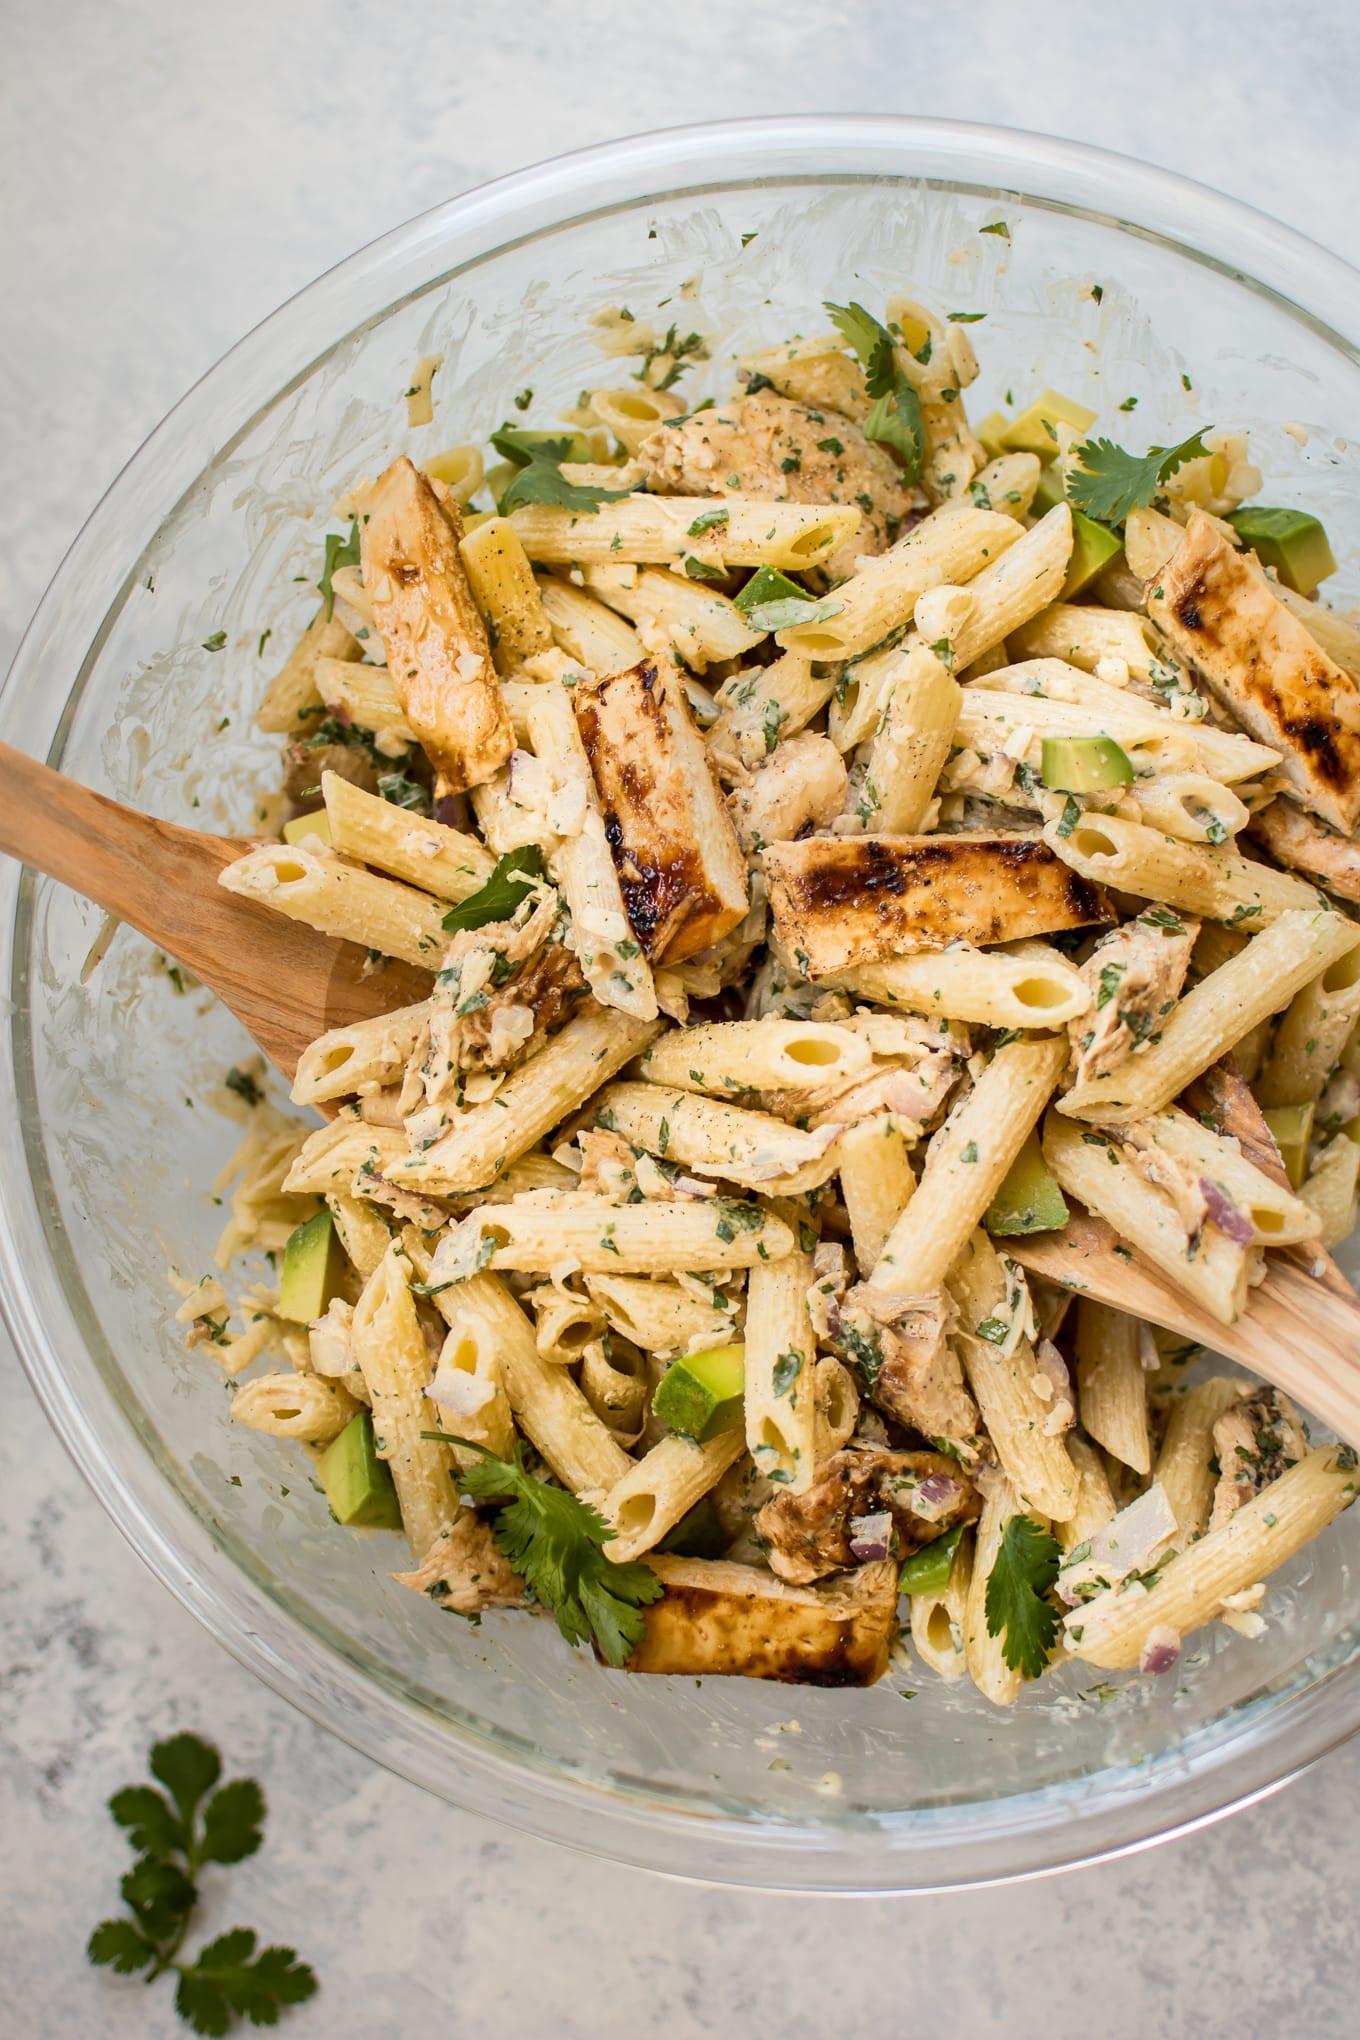 Healthy Chicken Pasta Salad  Grilled Chicken Pasta Salad • Salt & Lavender